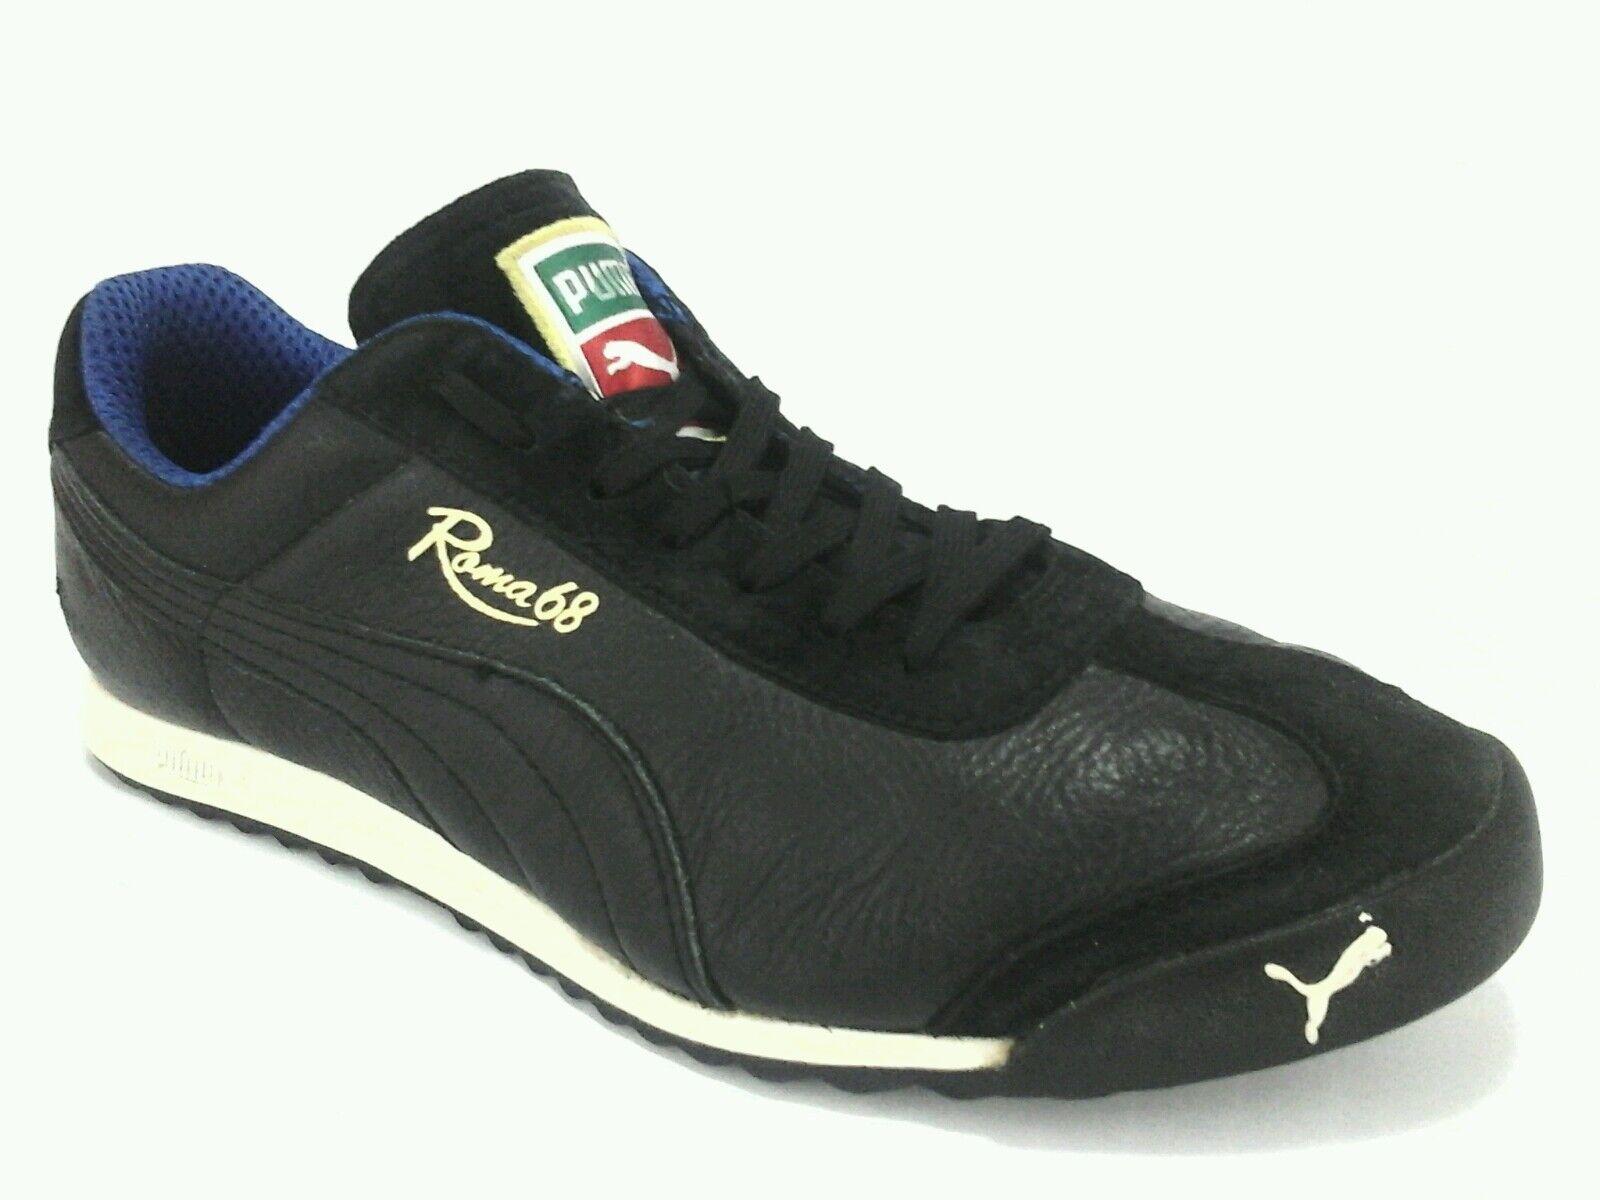 Le scarpe di di di pelle nera, retro rom 68 / greves Uomo tennis noi 9 rari 81f170